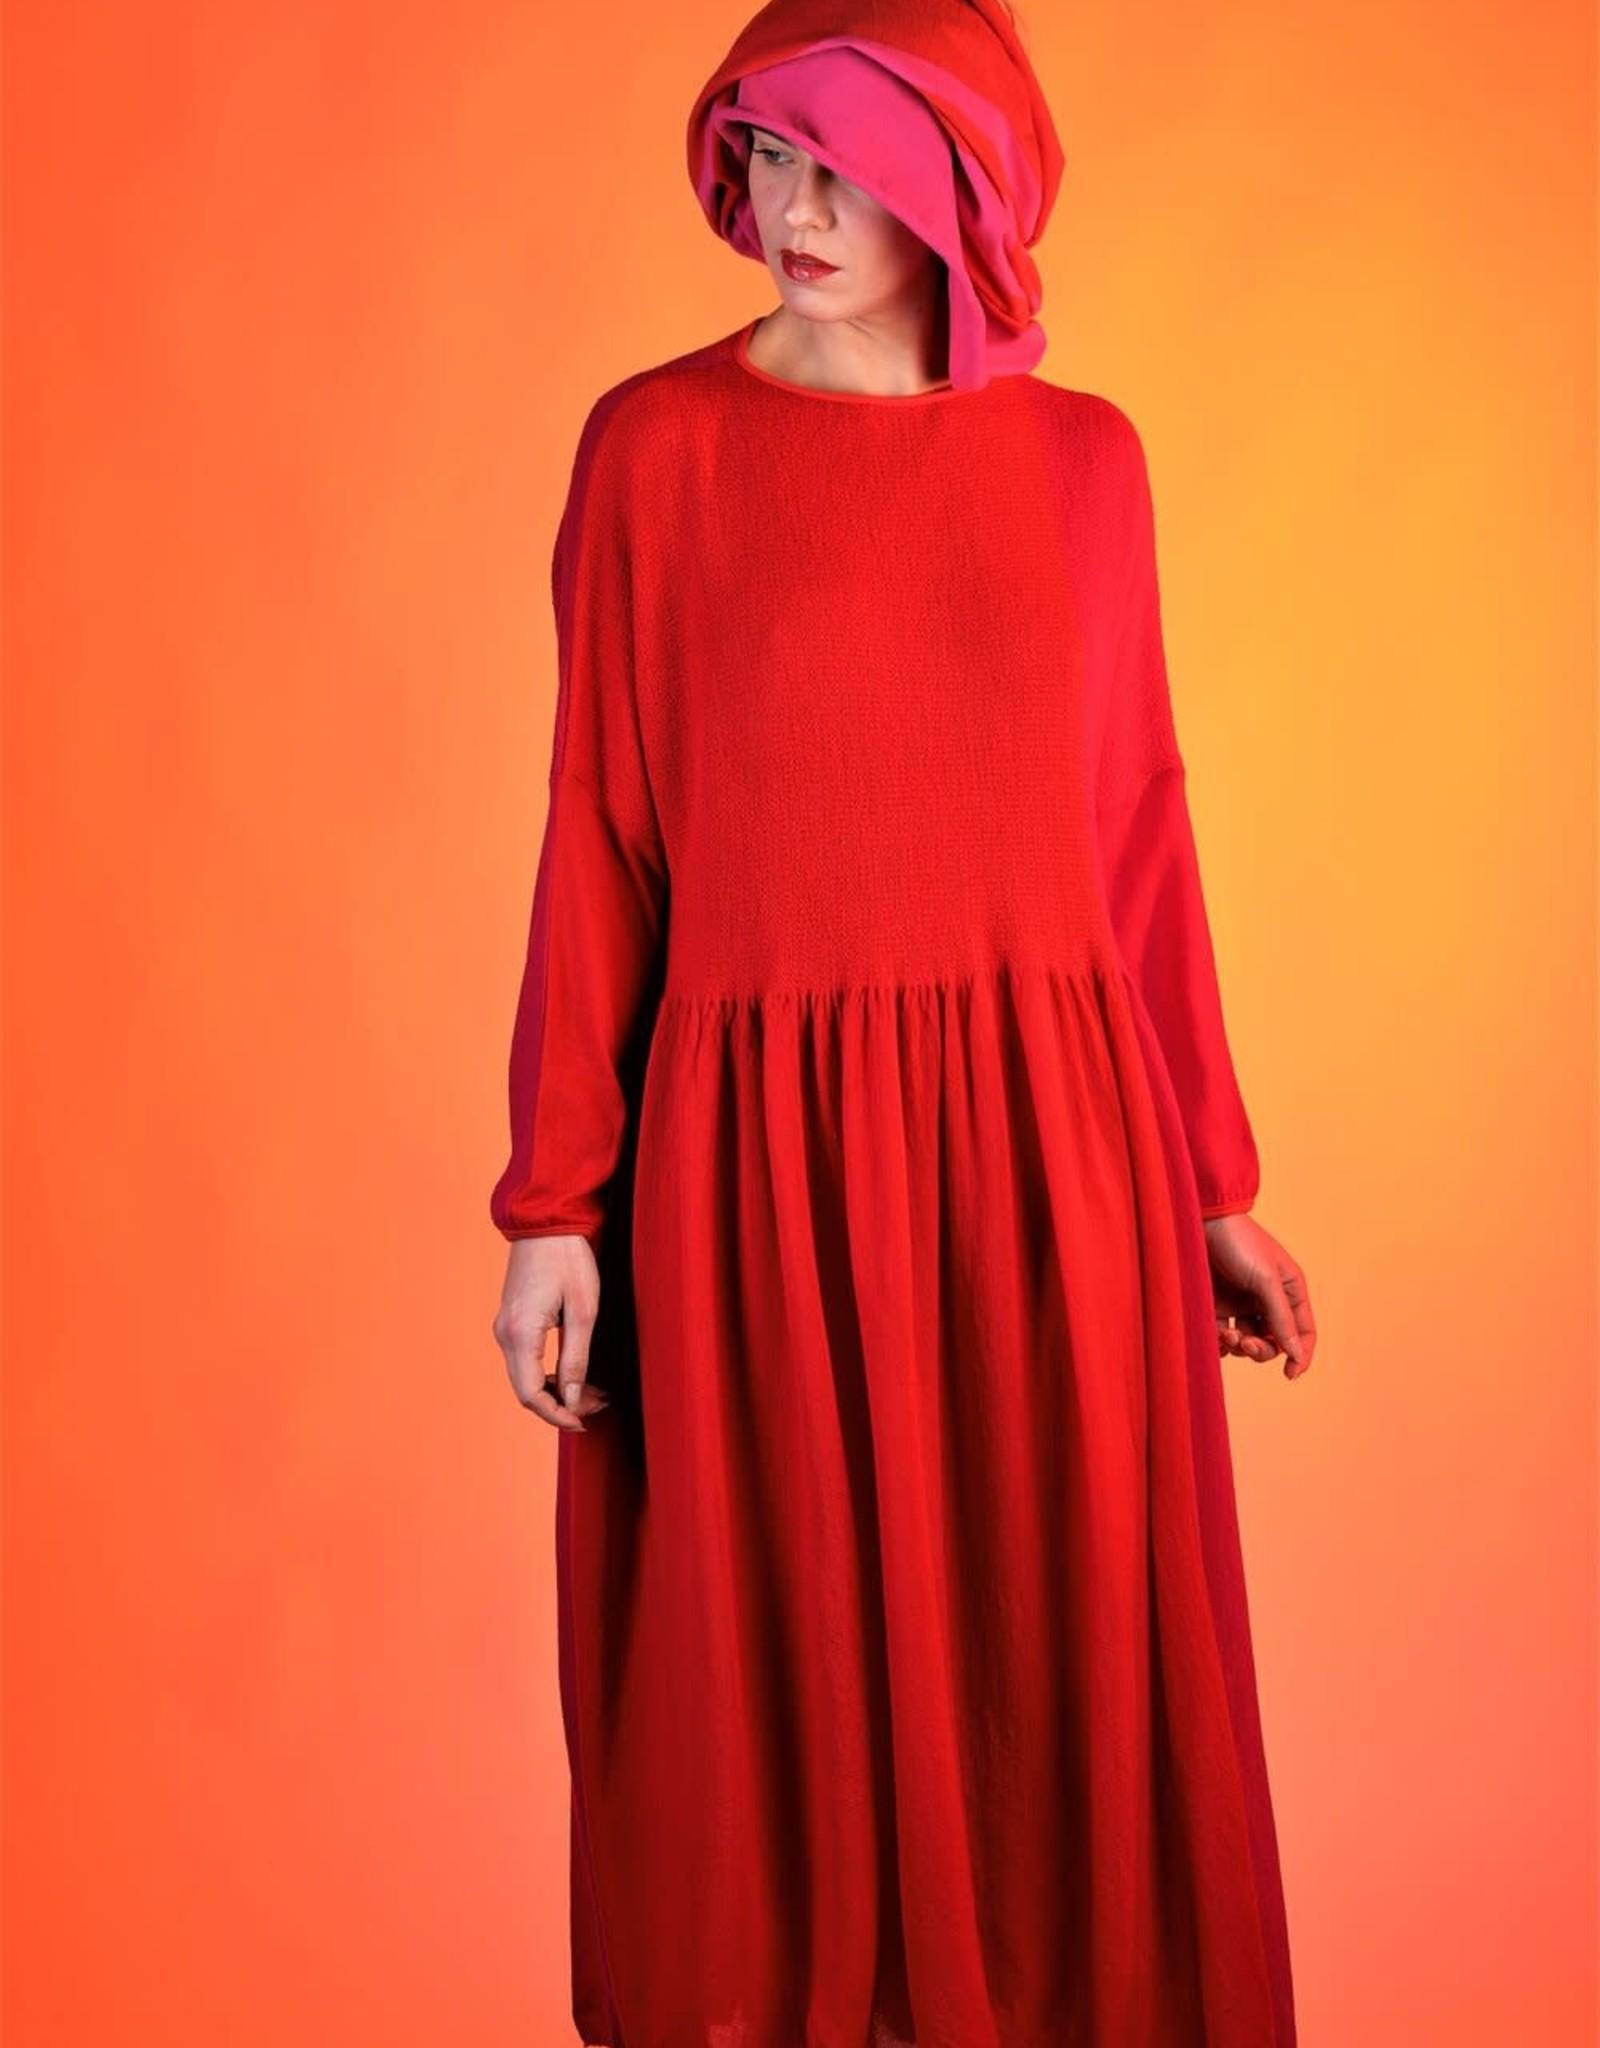 KNIT KNIT - Knit Dress